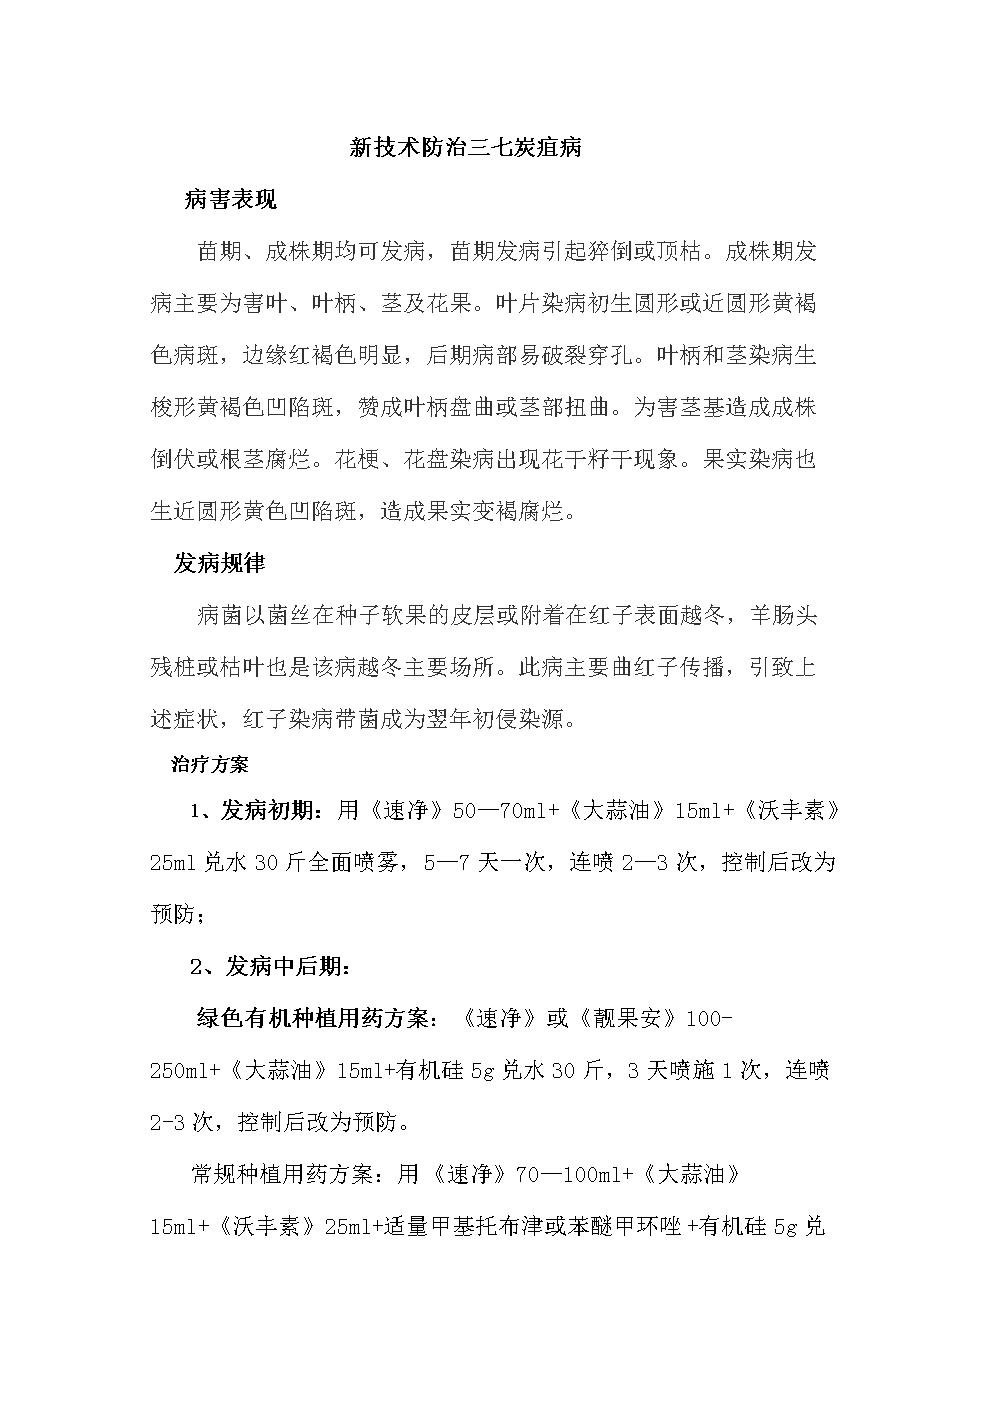 新技术防治三七炭疽病pdf.docx